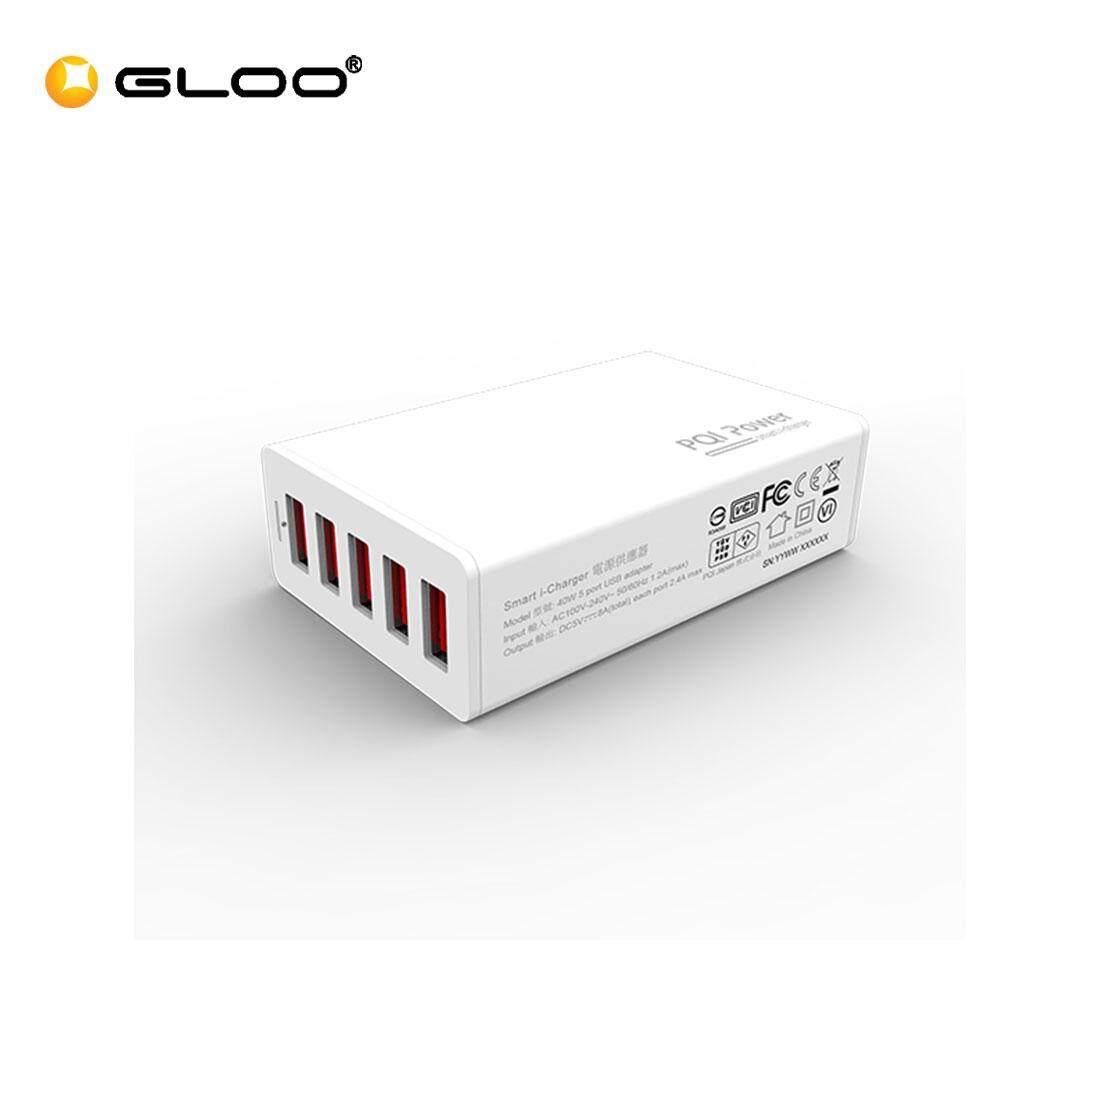 PQI 40W Smart i-Charger